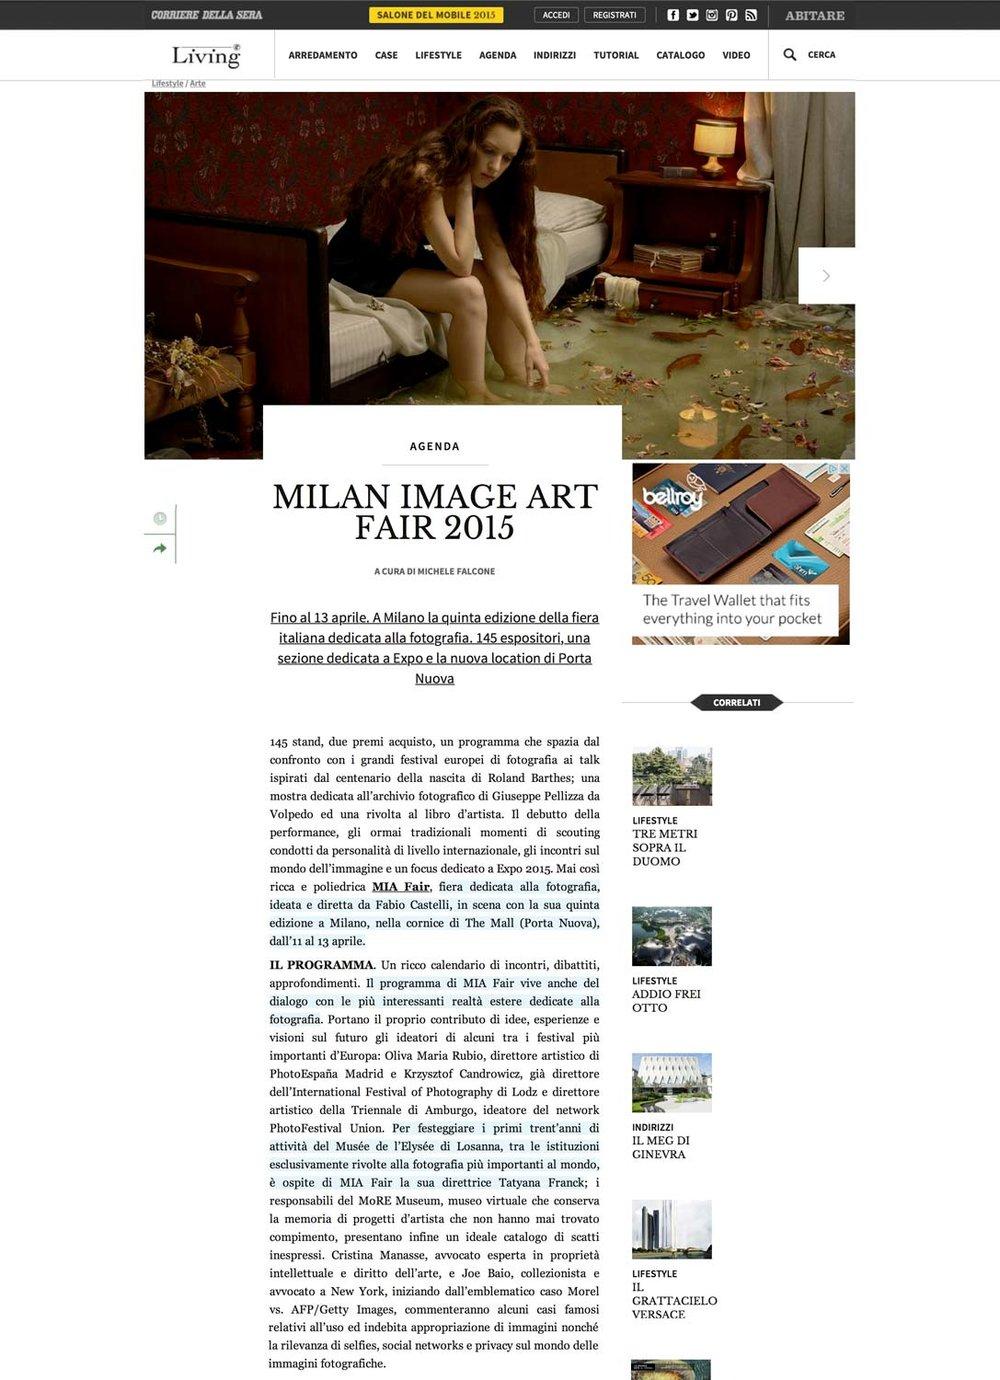 Tania-and-Lazlo-onCorriere-della-Sera.jpg